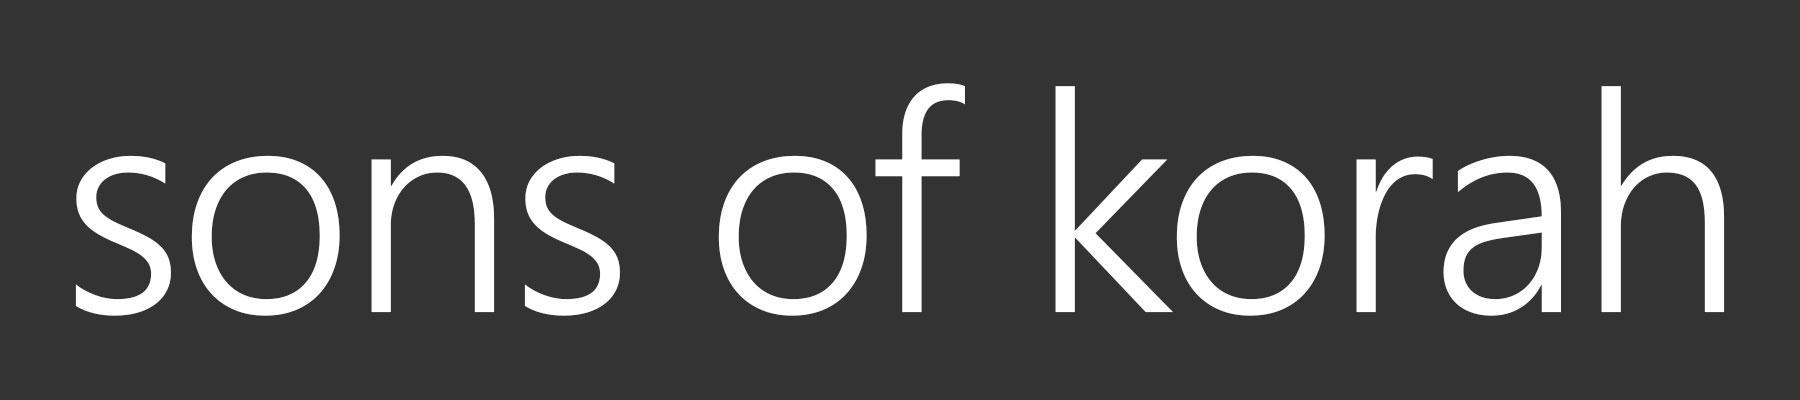 Home - Sons of Korah